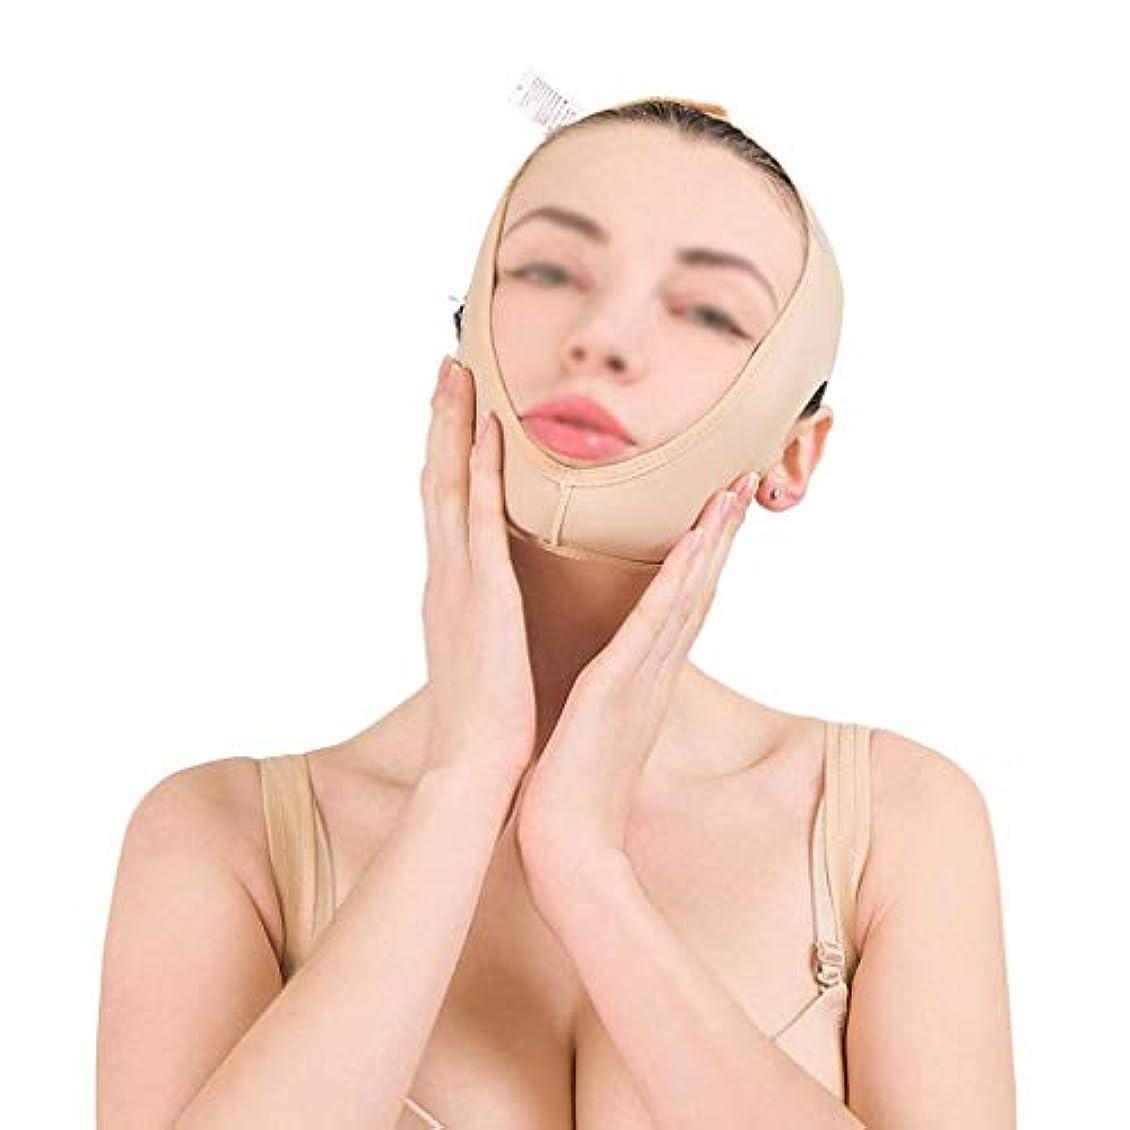 マスク減量、肌の包帯を引き締めるリフティングフェイスバンド、フェイスリフティング、ダブルチンビューティバンデージ、フェイスリフト(サイズ:L),ザ?